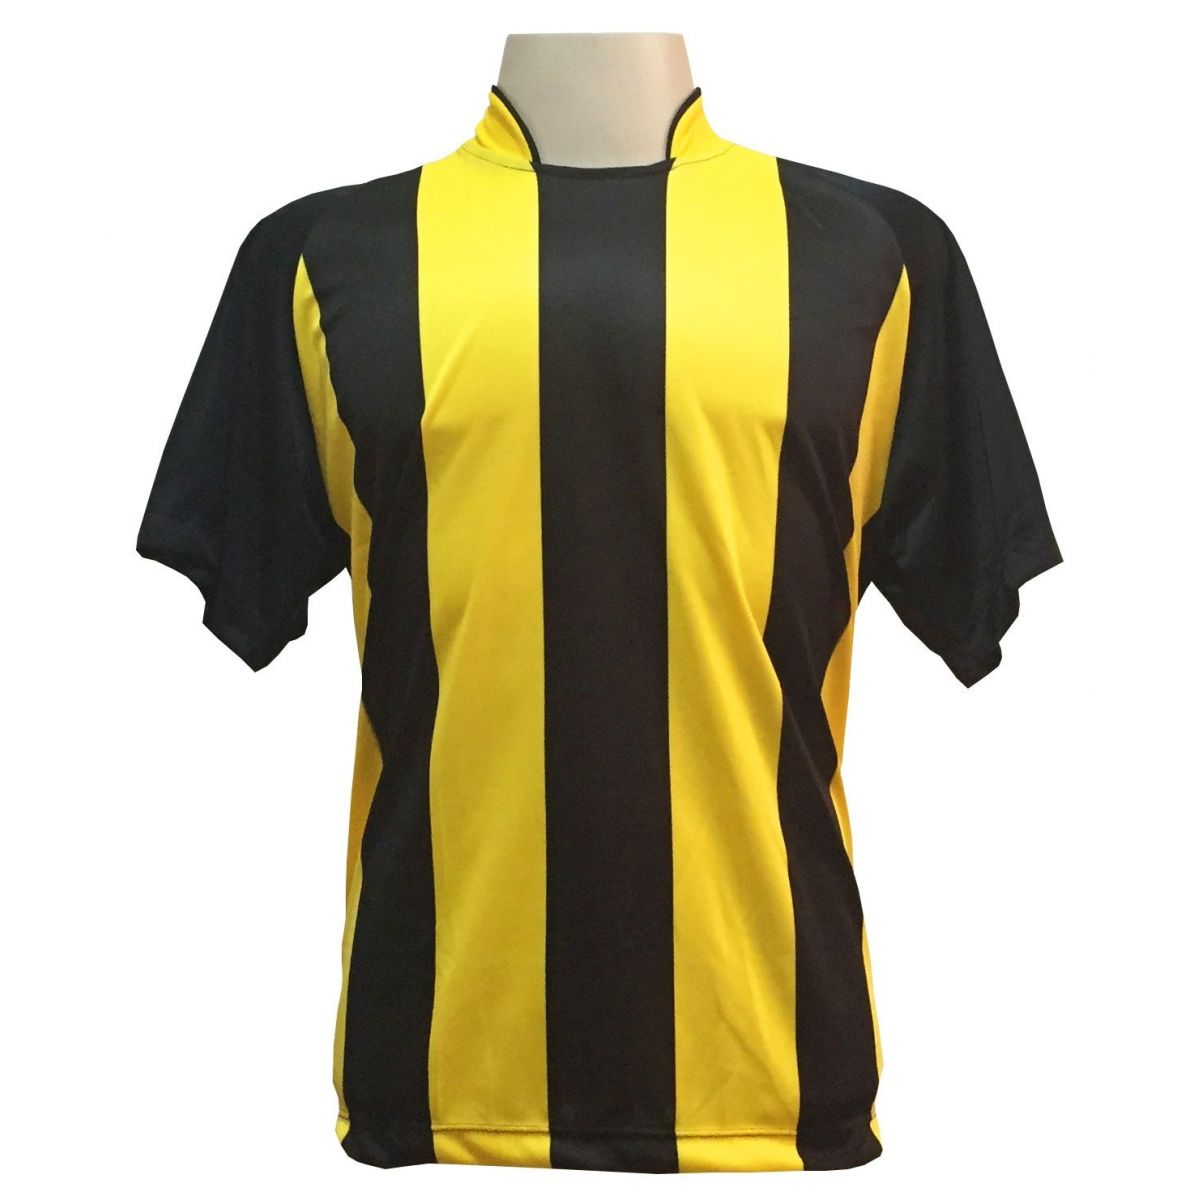 Uniforme Esportivo com 12 Camisas modelo Milan Preto/Amarelo + 12 Calções modelo Madrid Preto + 12 Pares de meiões Preto   - ESTAÇÃO DO ESPORTE